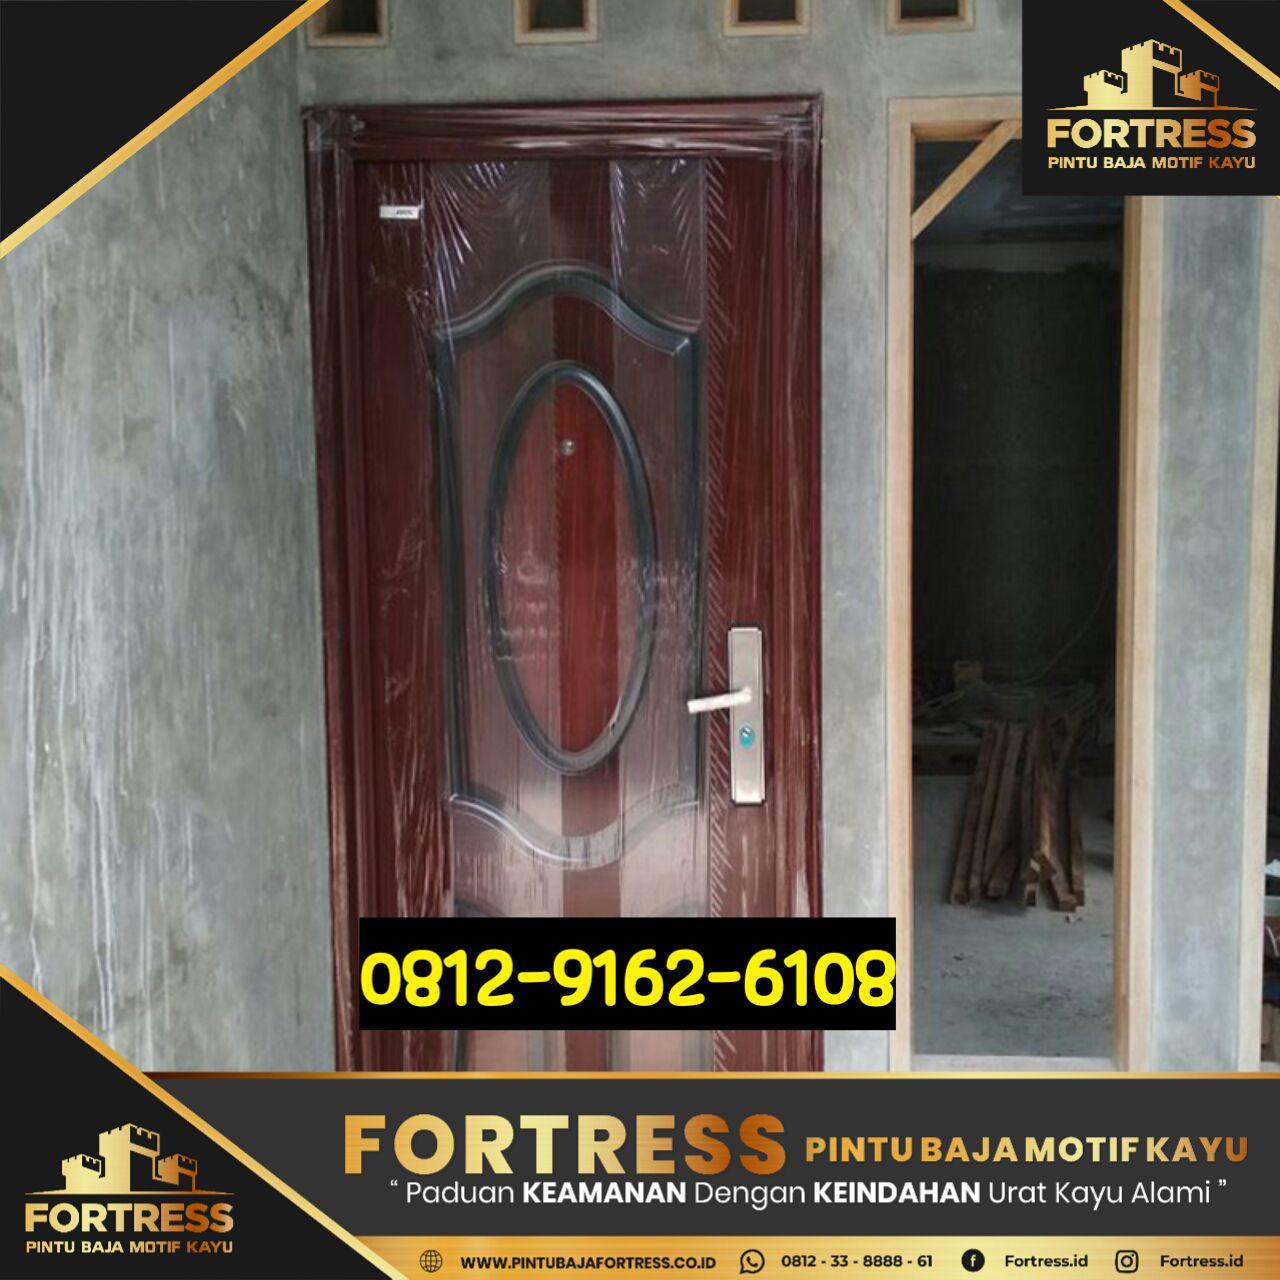 murah mana baja ringan atau kayu 0812 9162 6105 fotress pintu lapis